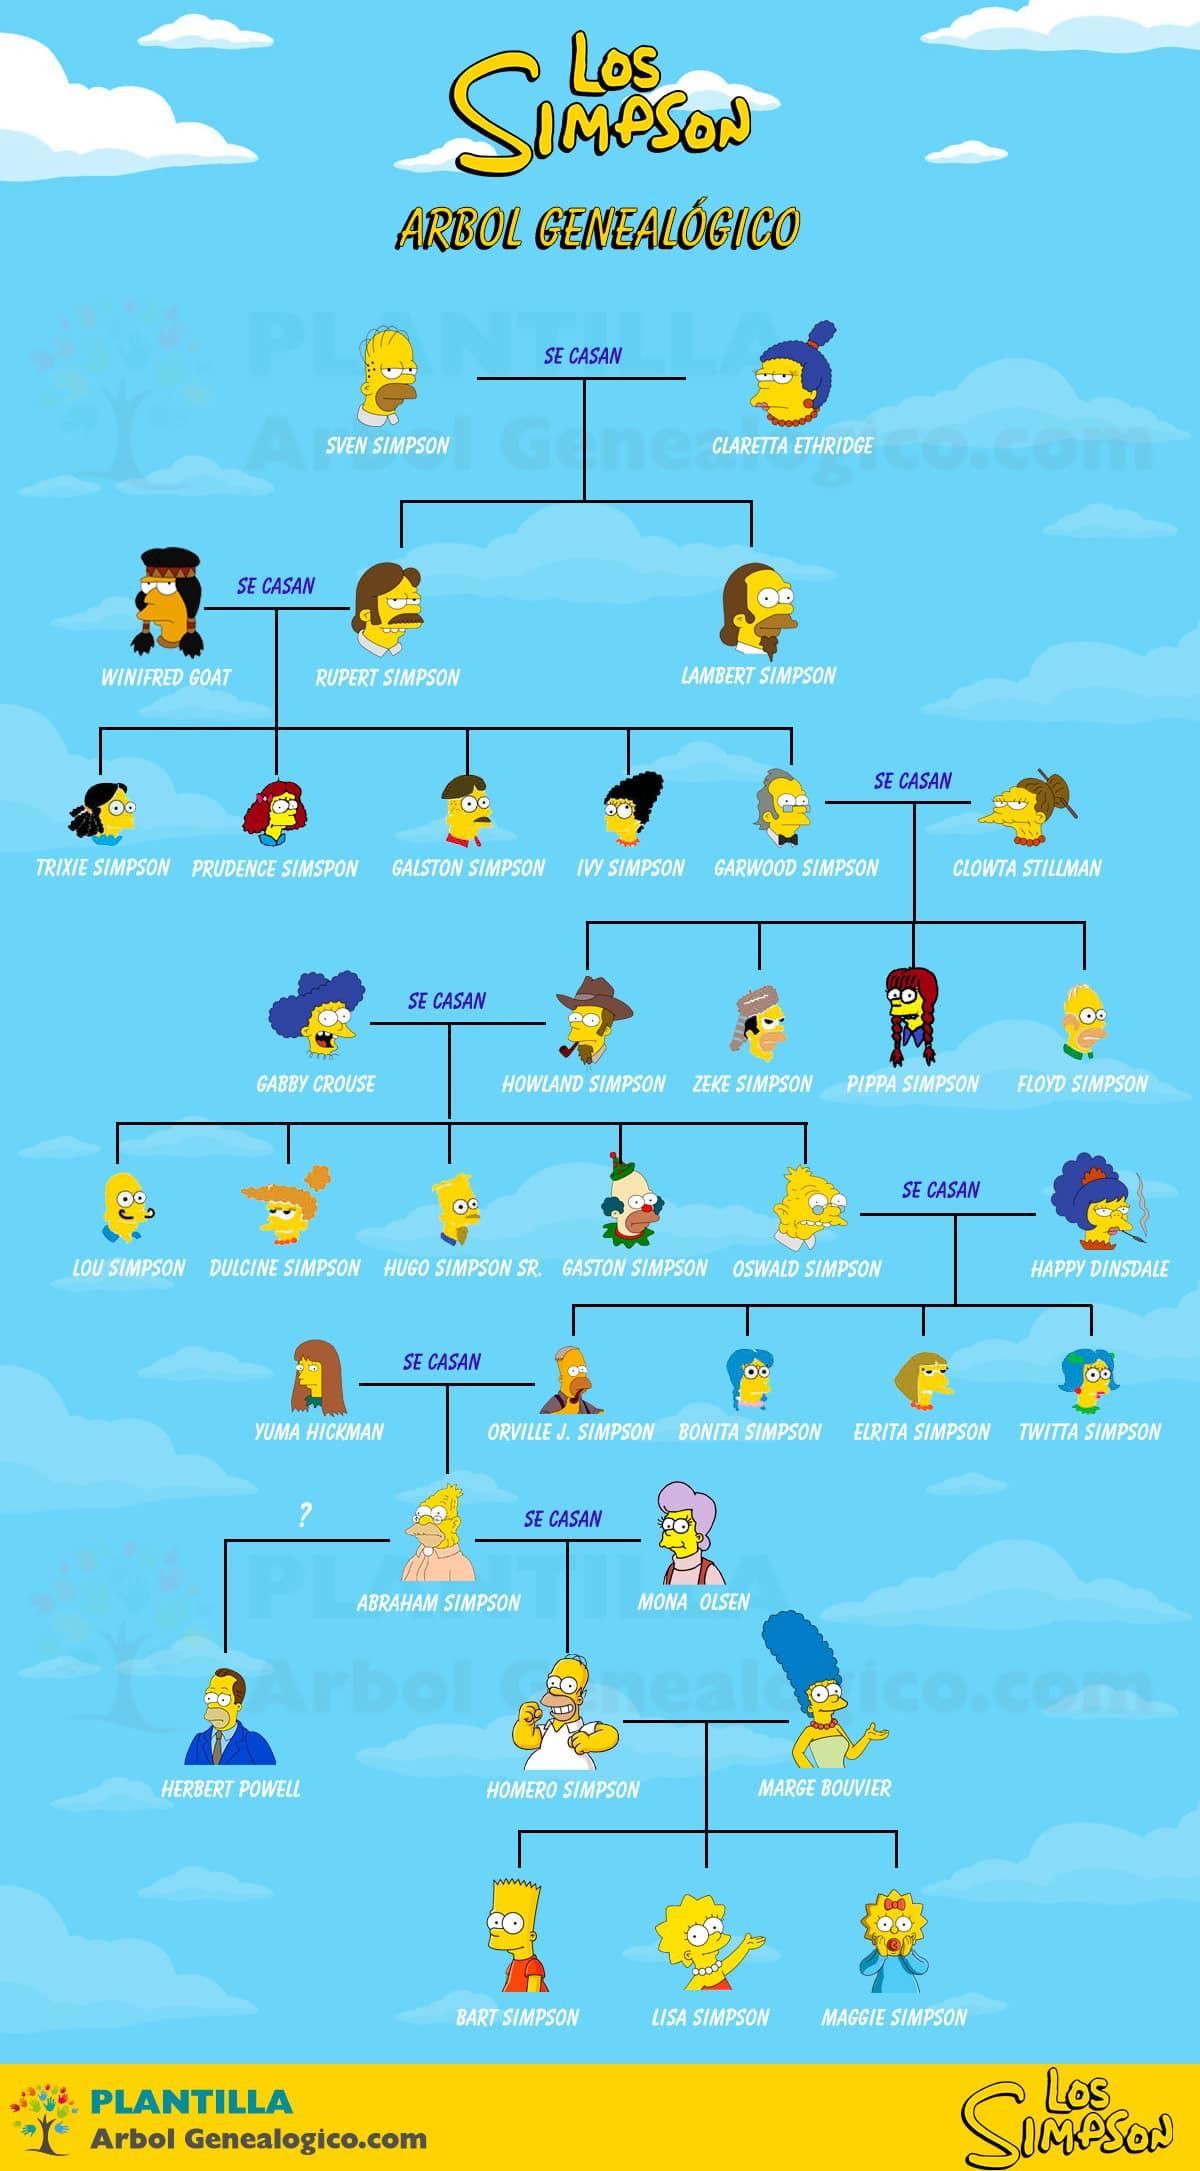 Árbol genealógico completo de Los Simpson